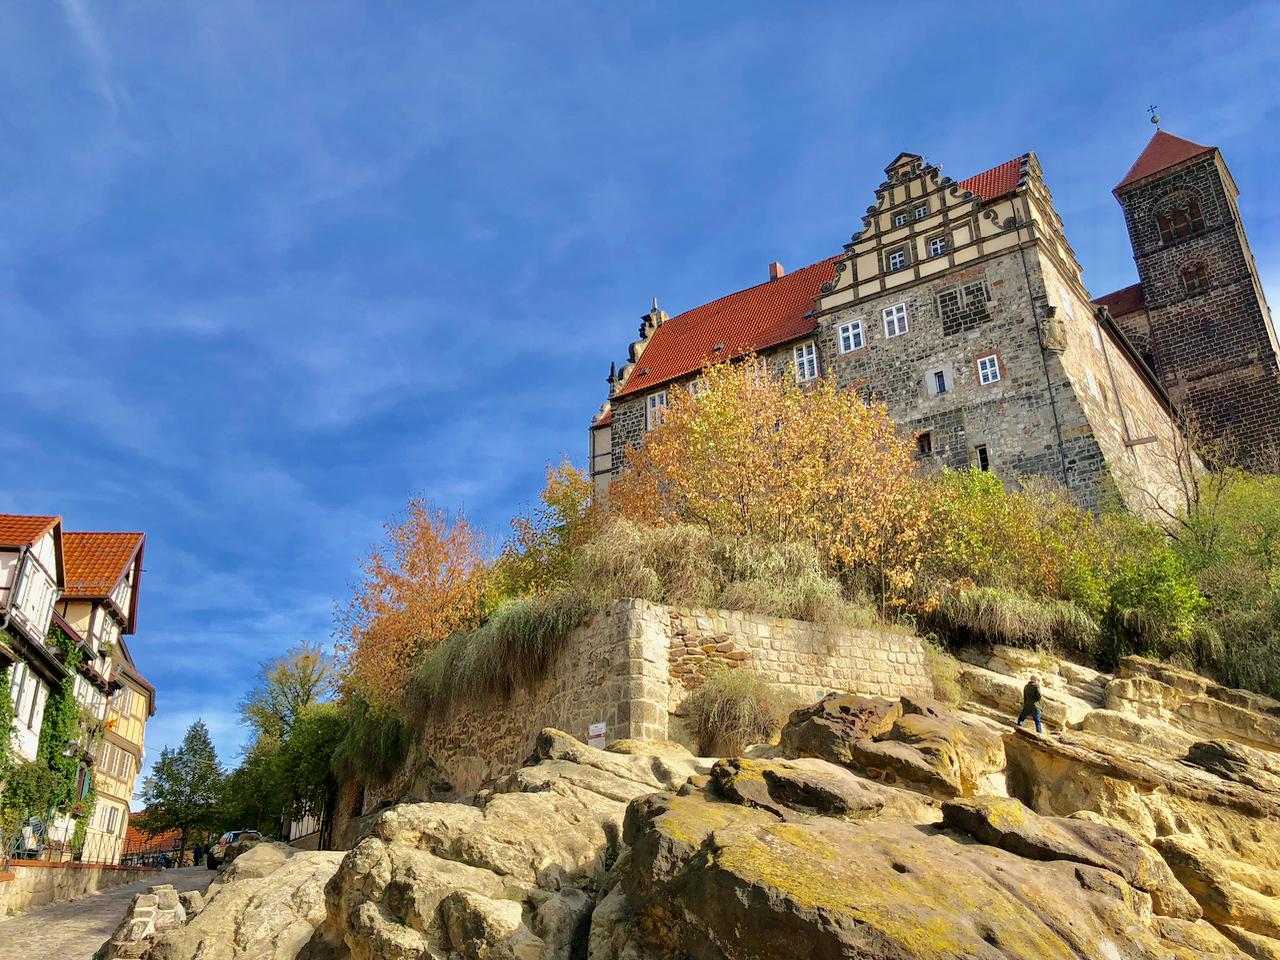 Urlaub im Harz: Quedlinburg Schlossberg und Altstadt